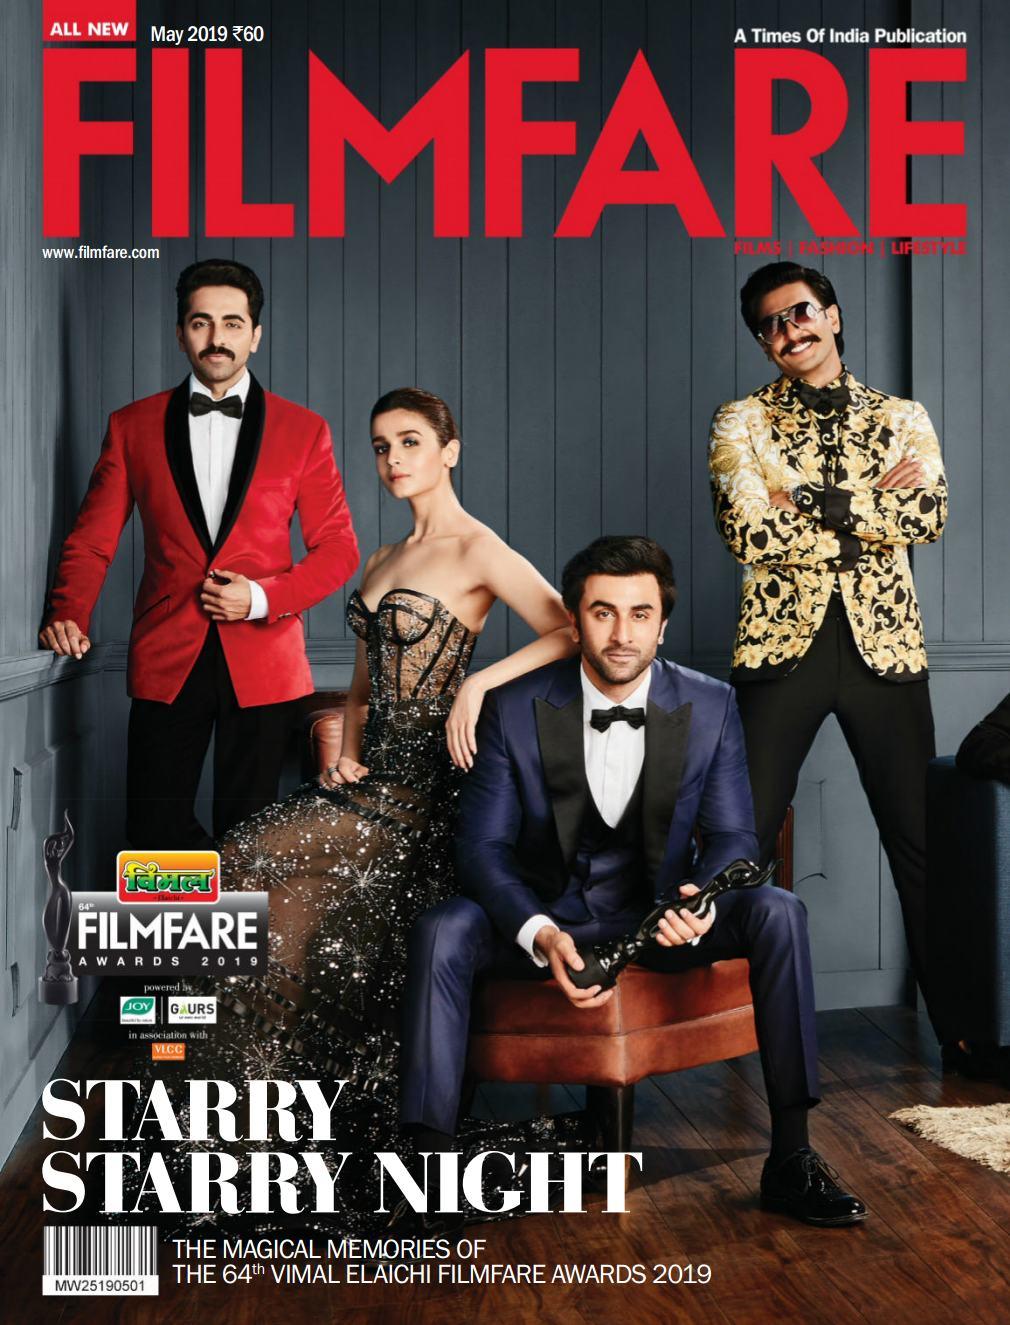 Filmfare_2019_05jpg_Page1.jpg